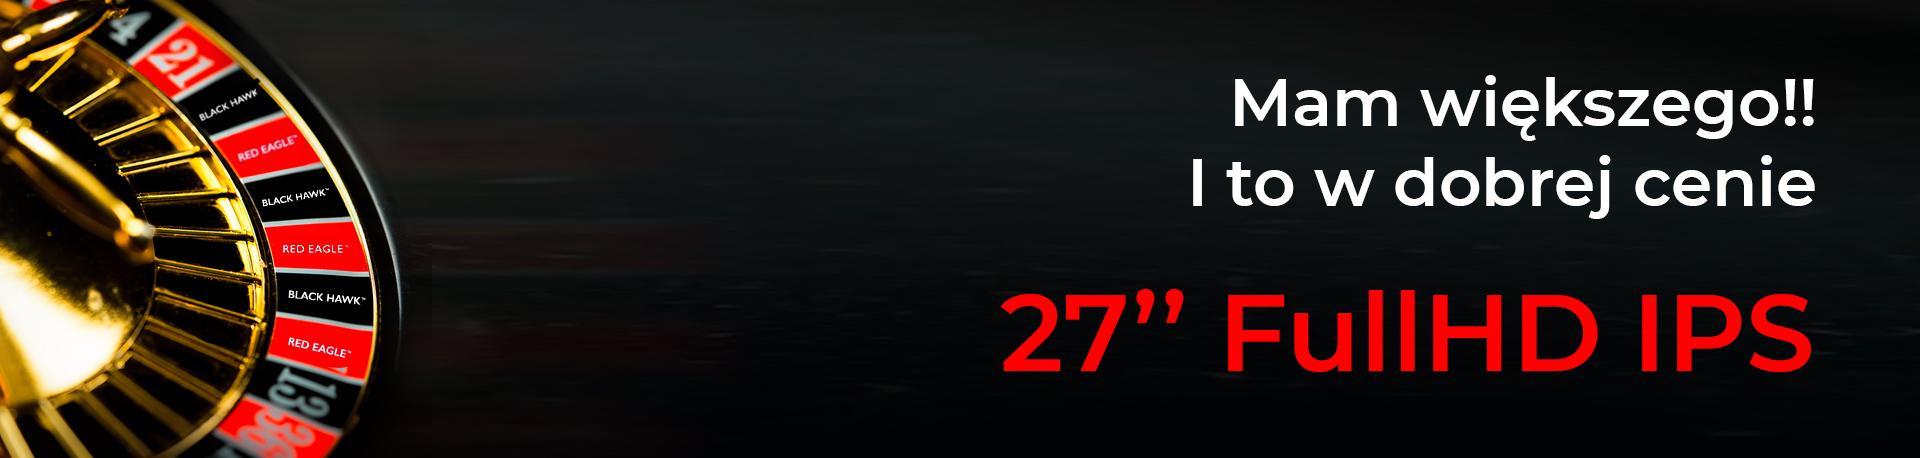 """27"""" FullHD IPS Mam większego i to w dobrej cenie!"""